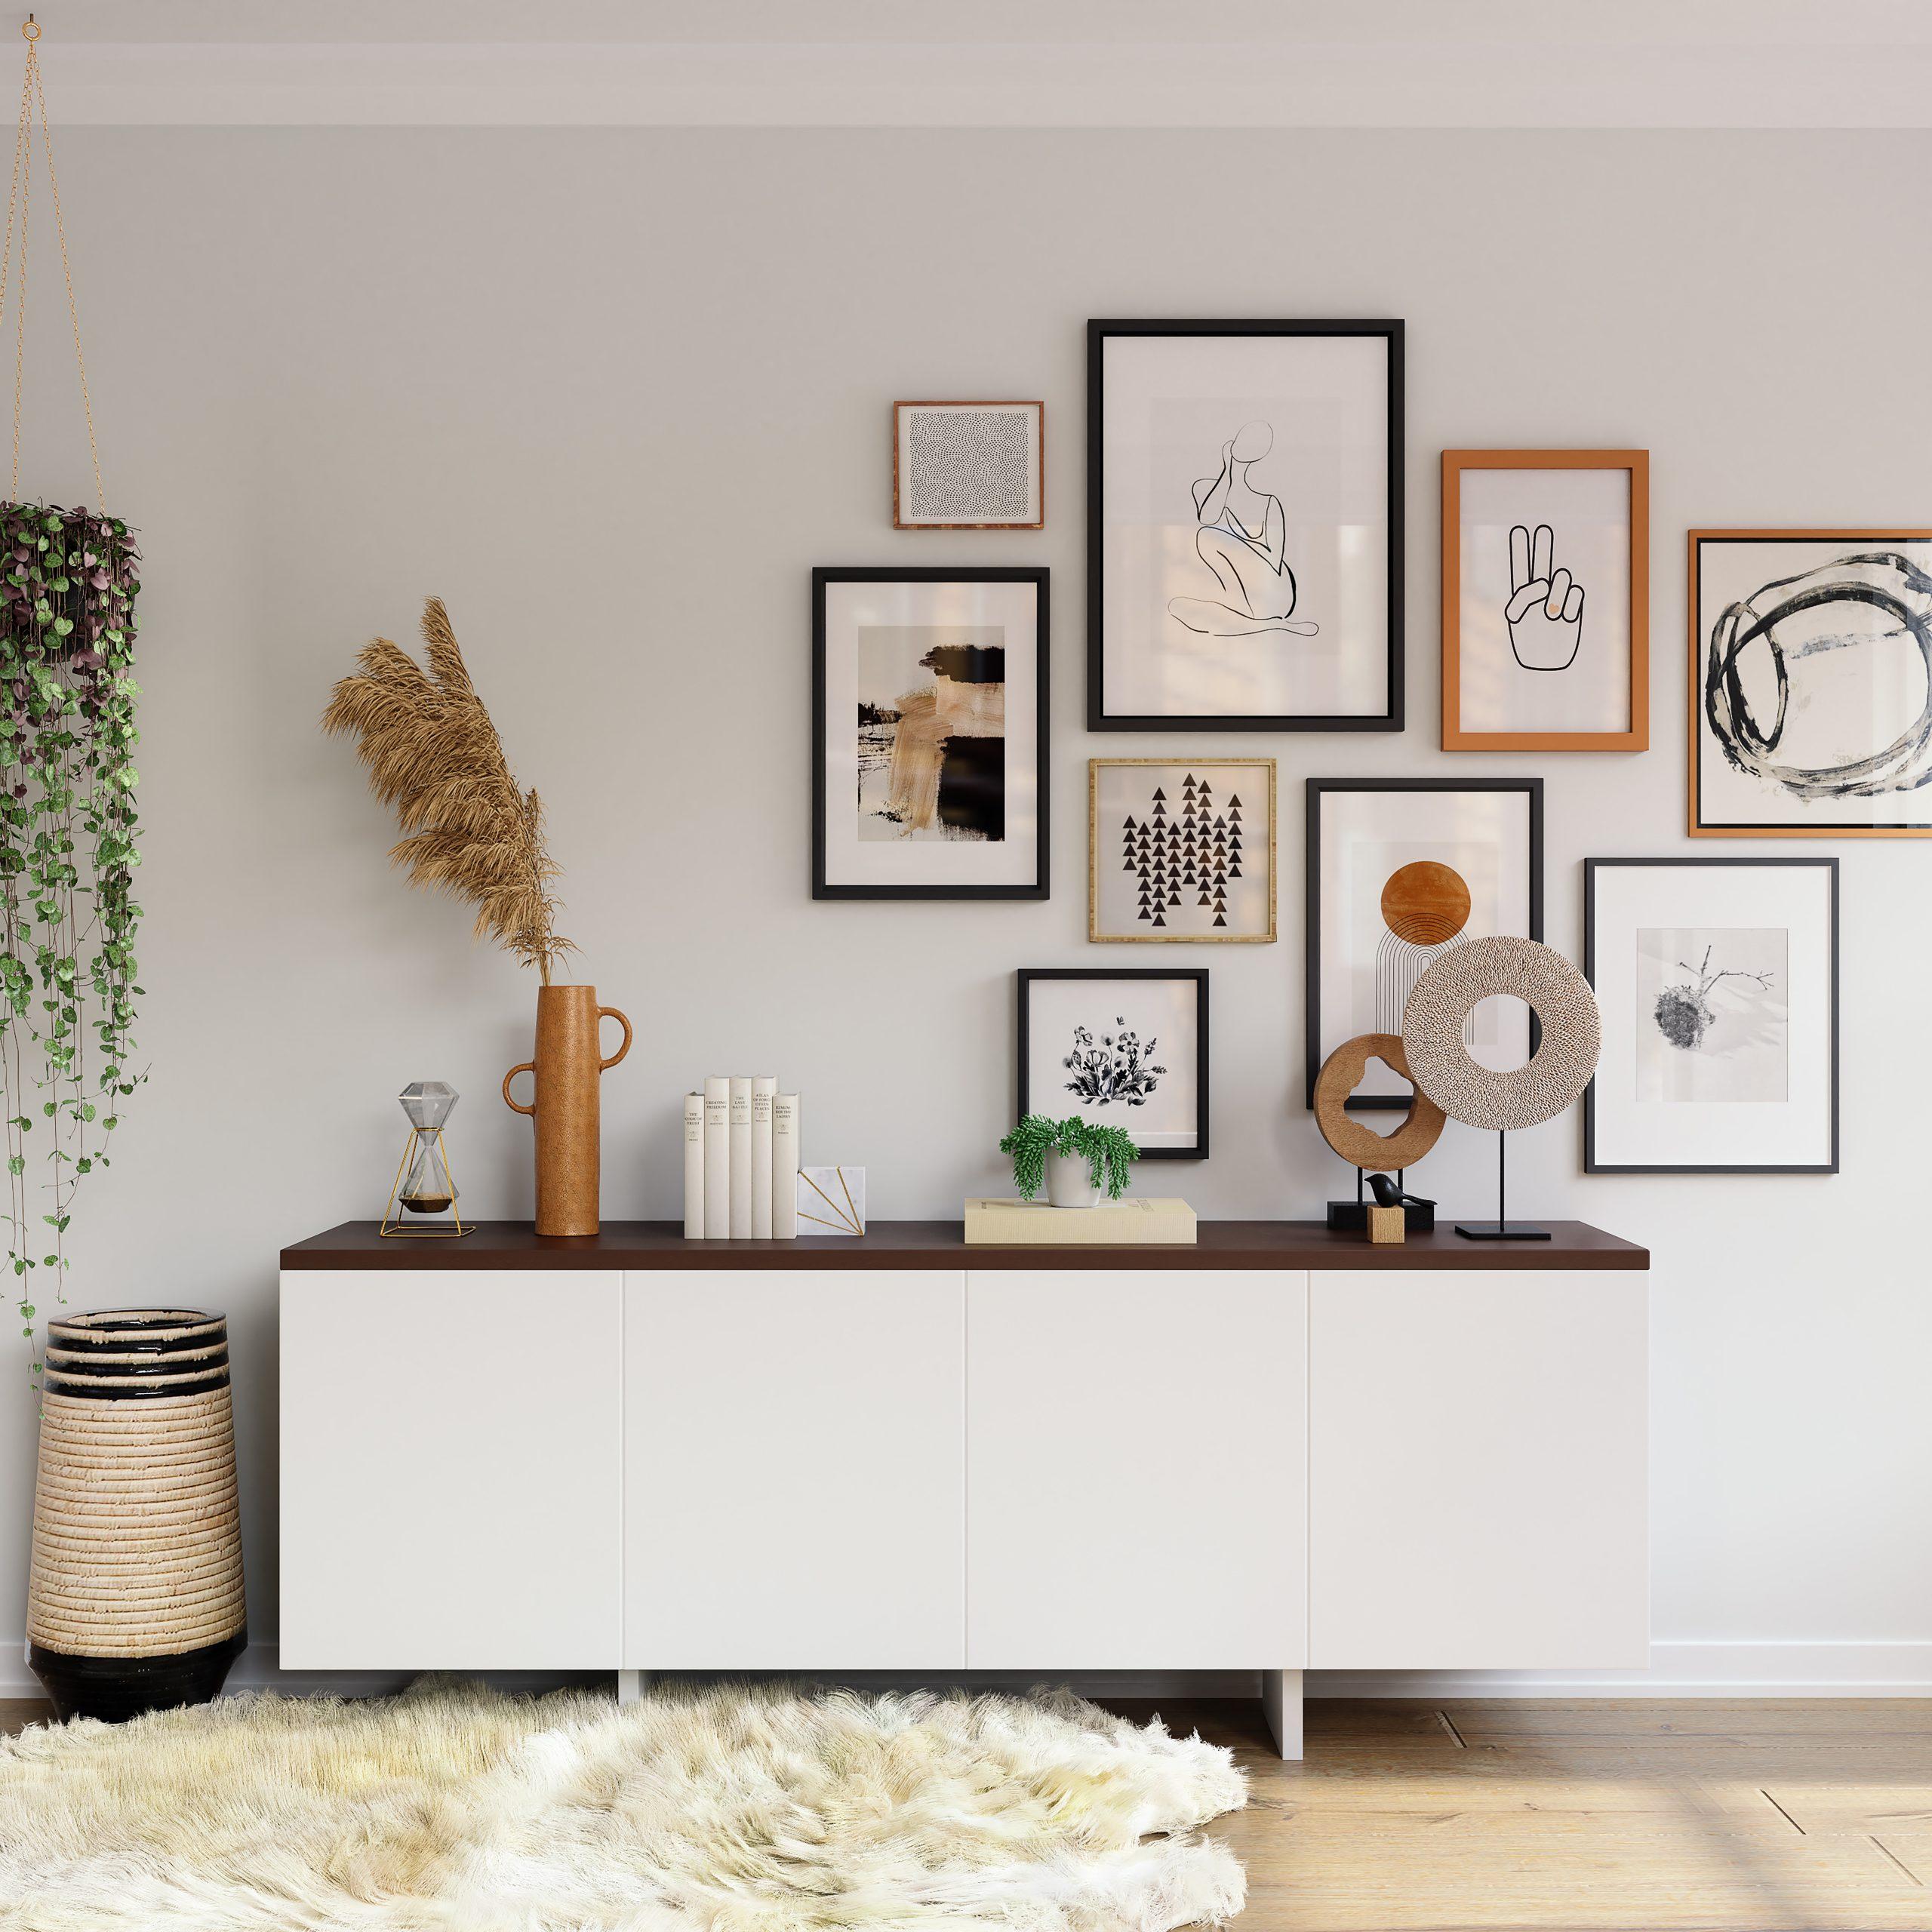 Diseño de interior con mueble cómoda y decoración de pared con cuadros